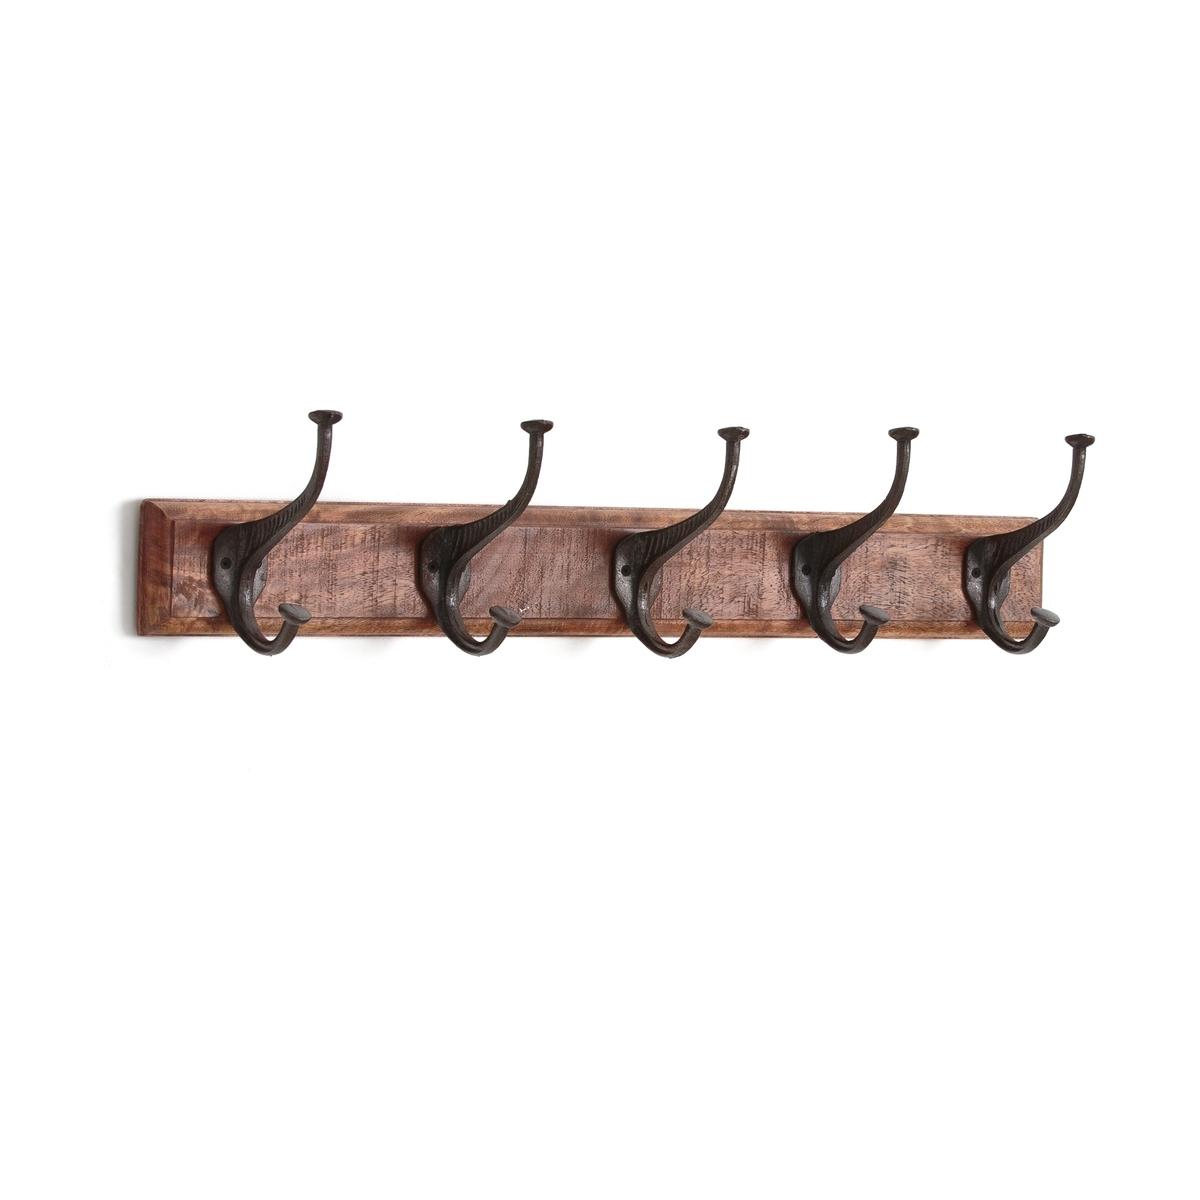 Вешалка настенная, 5 двойных крючковНастенная вешалка с 5 двойными крючками La Redoute Interieurs.Описание настенной вешалки с 5 двойными крючками:• Основа из крашеного массива мангового дерева• 5 двойных крючков из состаренного металла• шурупы и дюбели в комплект не входятРазмеры вешалки AGAMA :  • 63 x 11 см• Высота 14 смВсю коллекцию вы можете найти на сайте laredoute. Настенная вешалка с 5 двойными крючками продается в собранном видеРазмеры и вес упаковки:1 коробка70 x 18 x В.16 см2 кг<br><br>Цвет: серо-бежевый